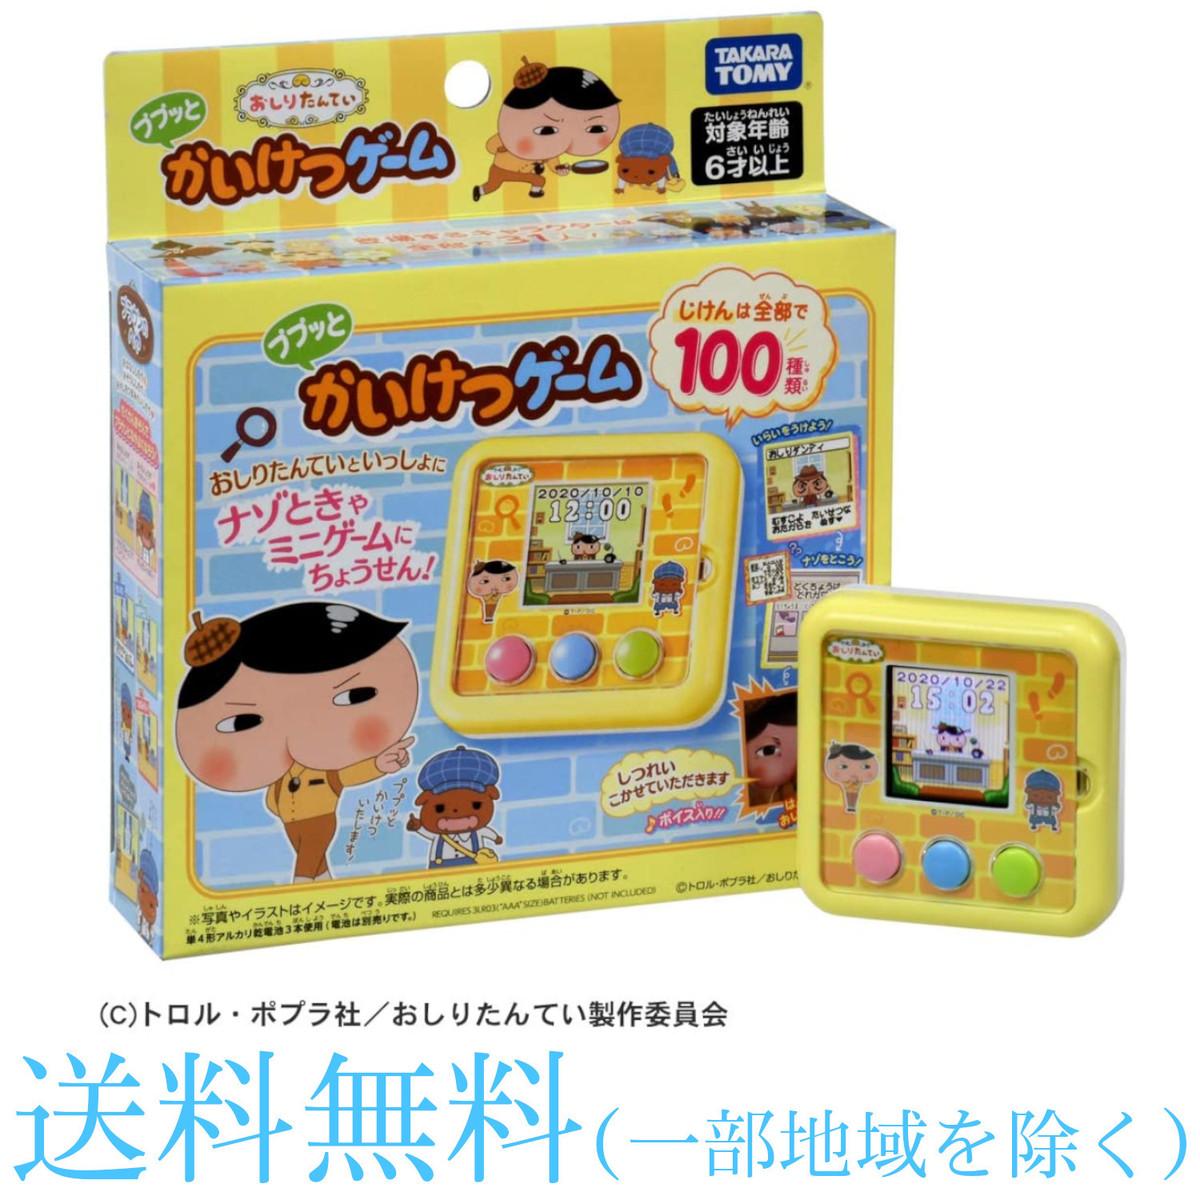 タカラトミー おもちゃ おしり探偵 TAKARA TOMY ププッとかいけつゲーム 売却 送料無料 おしりたんてい 新品 待望